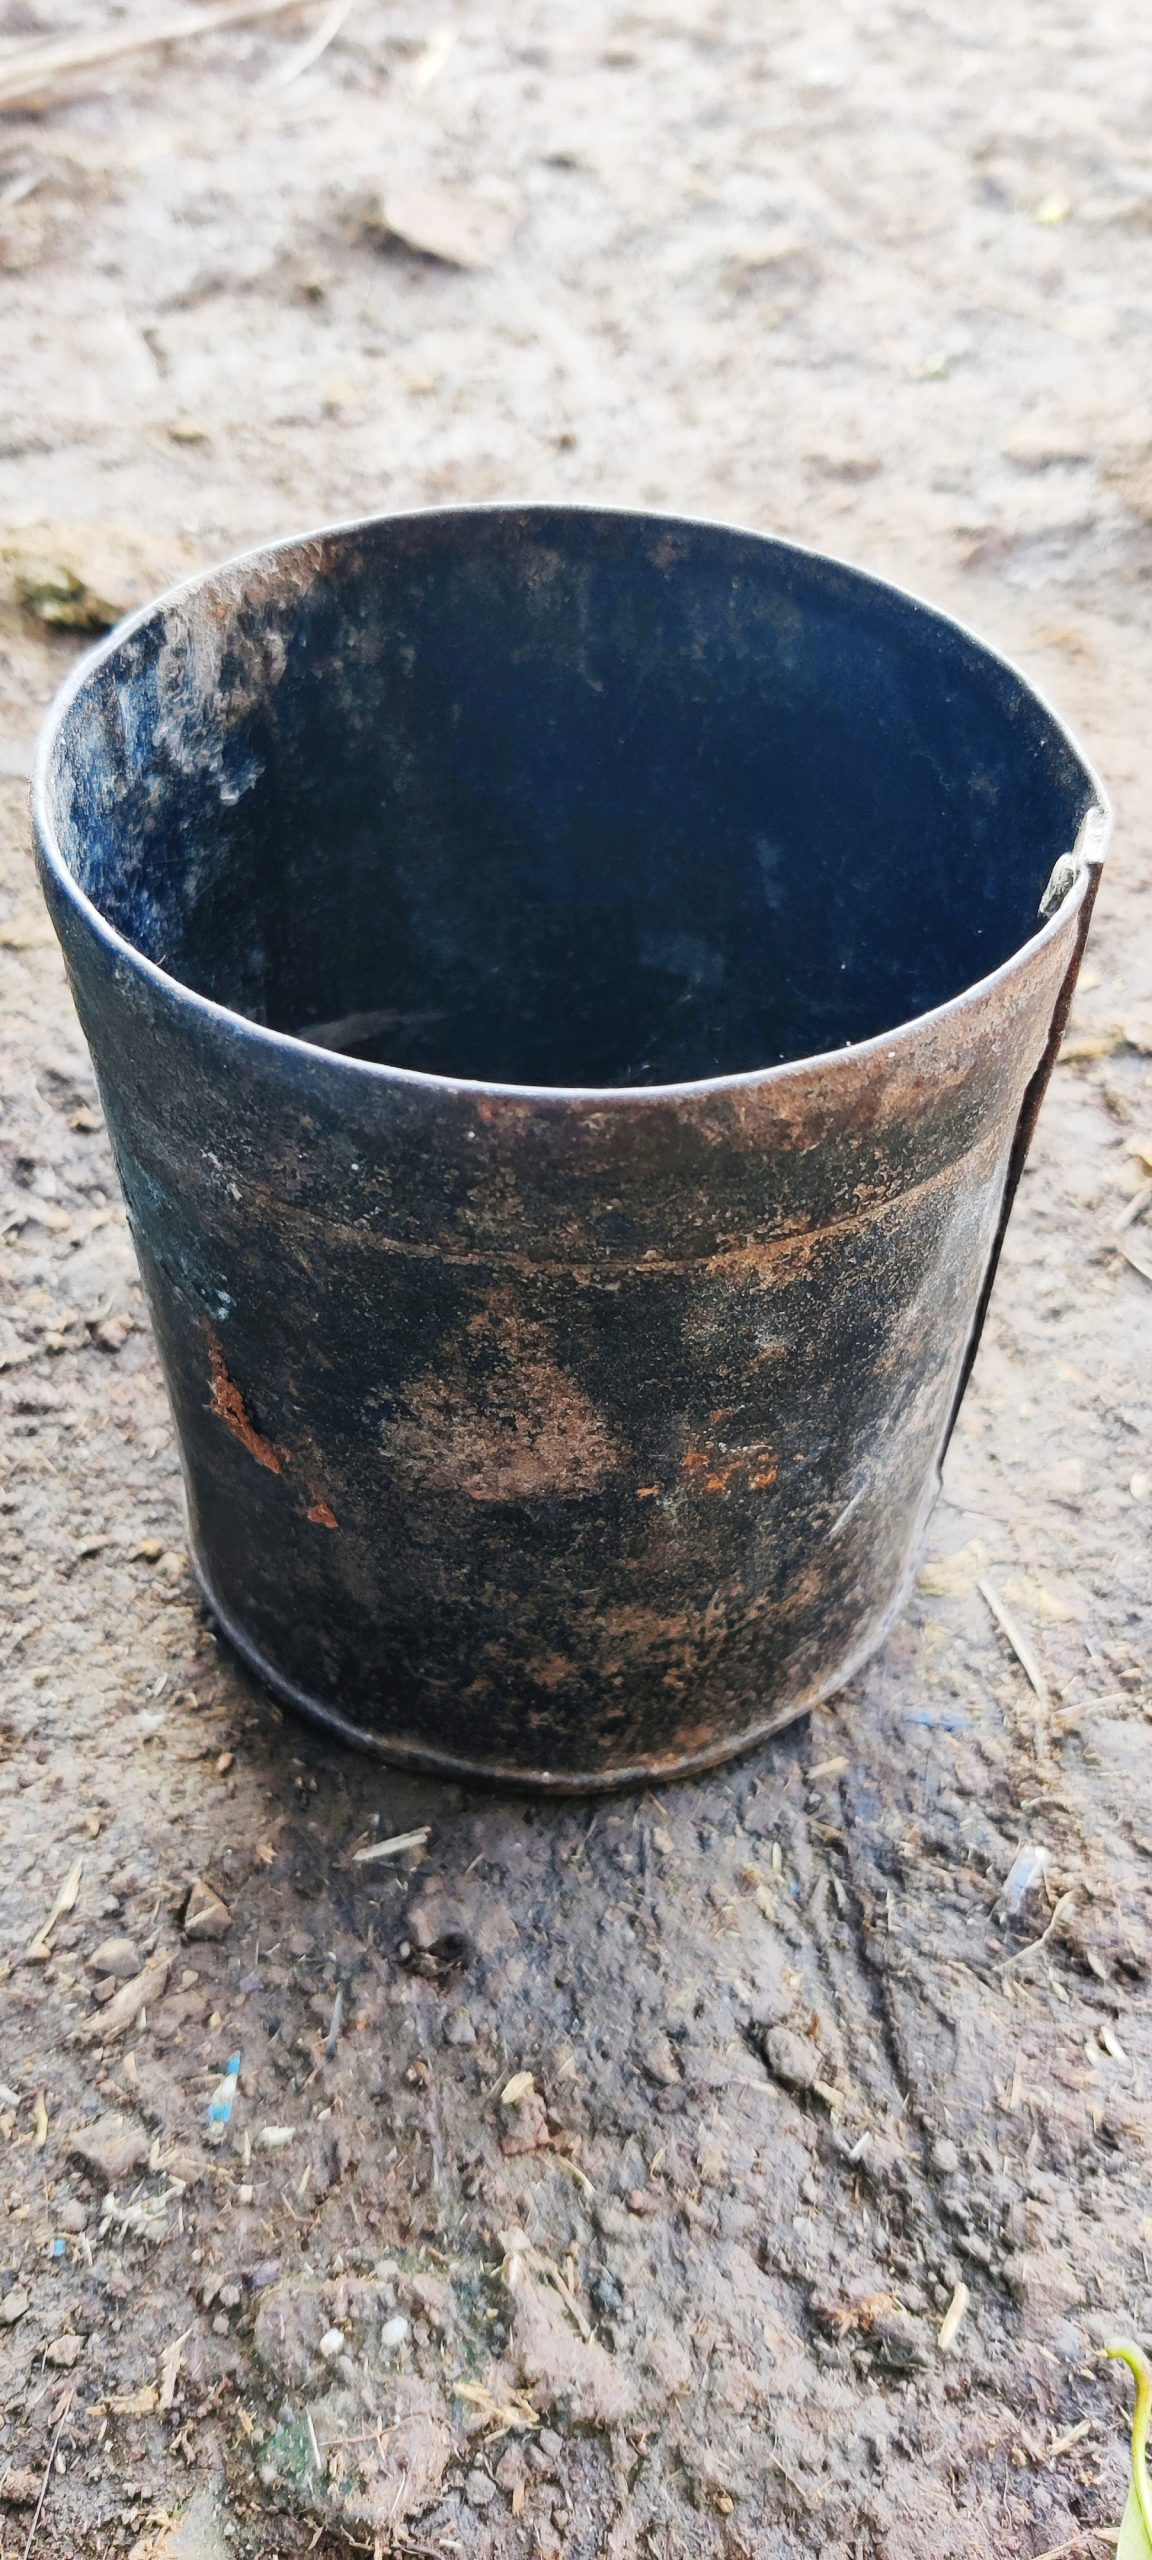 An old bucket